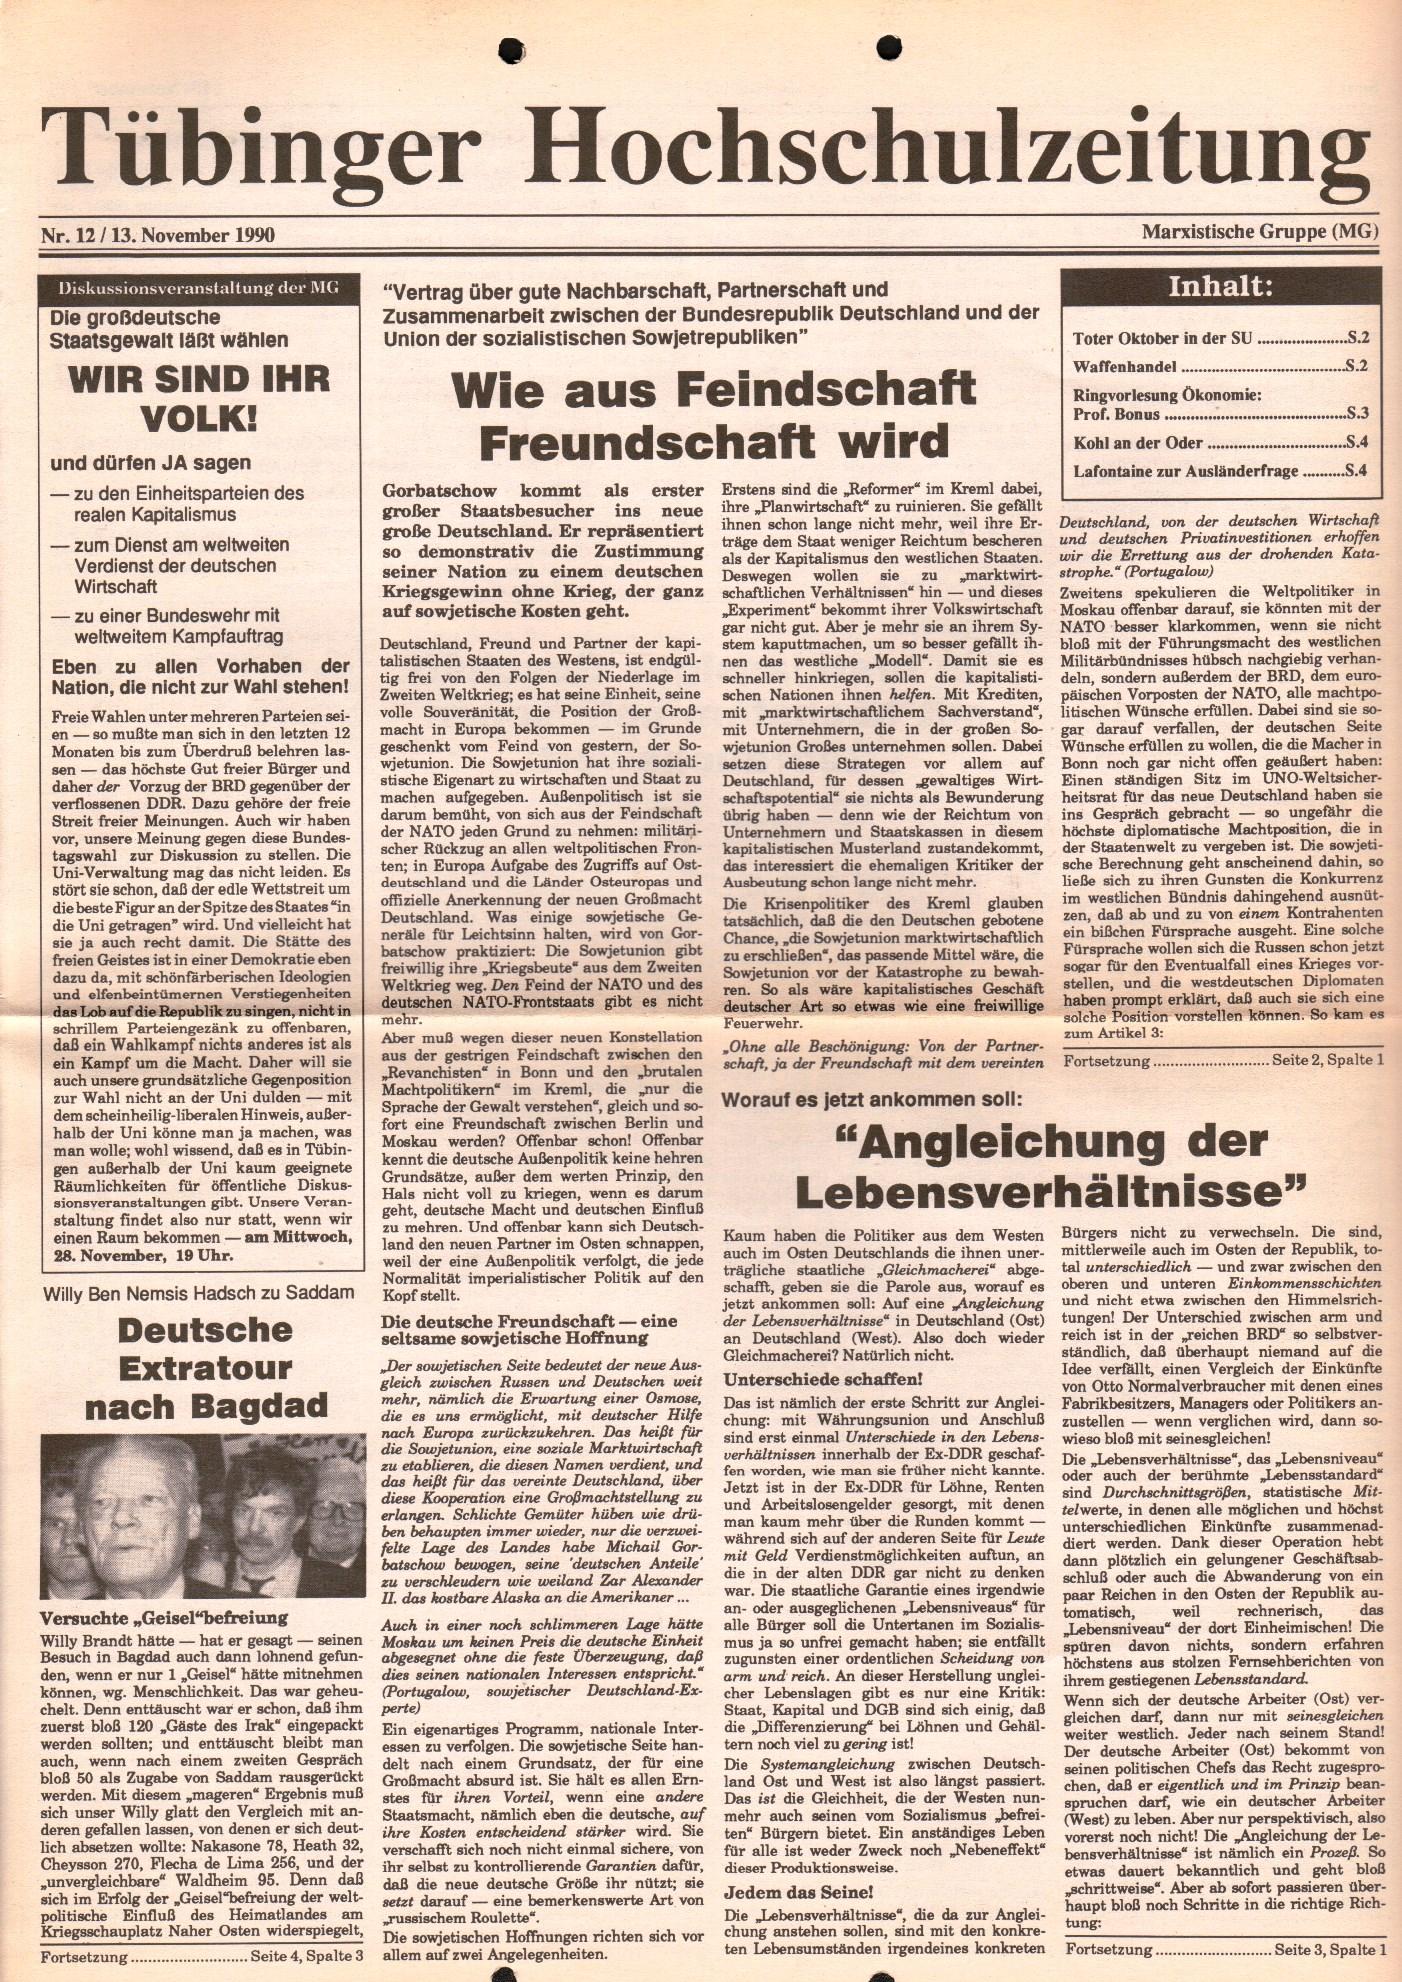 Tuebingen_MG_Hochschulzeitung_1990_12_01